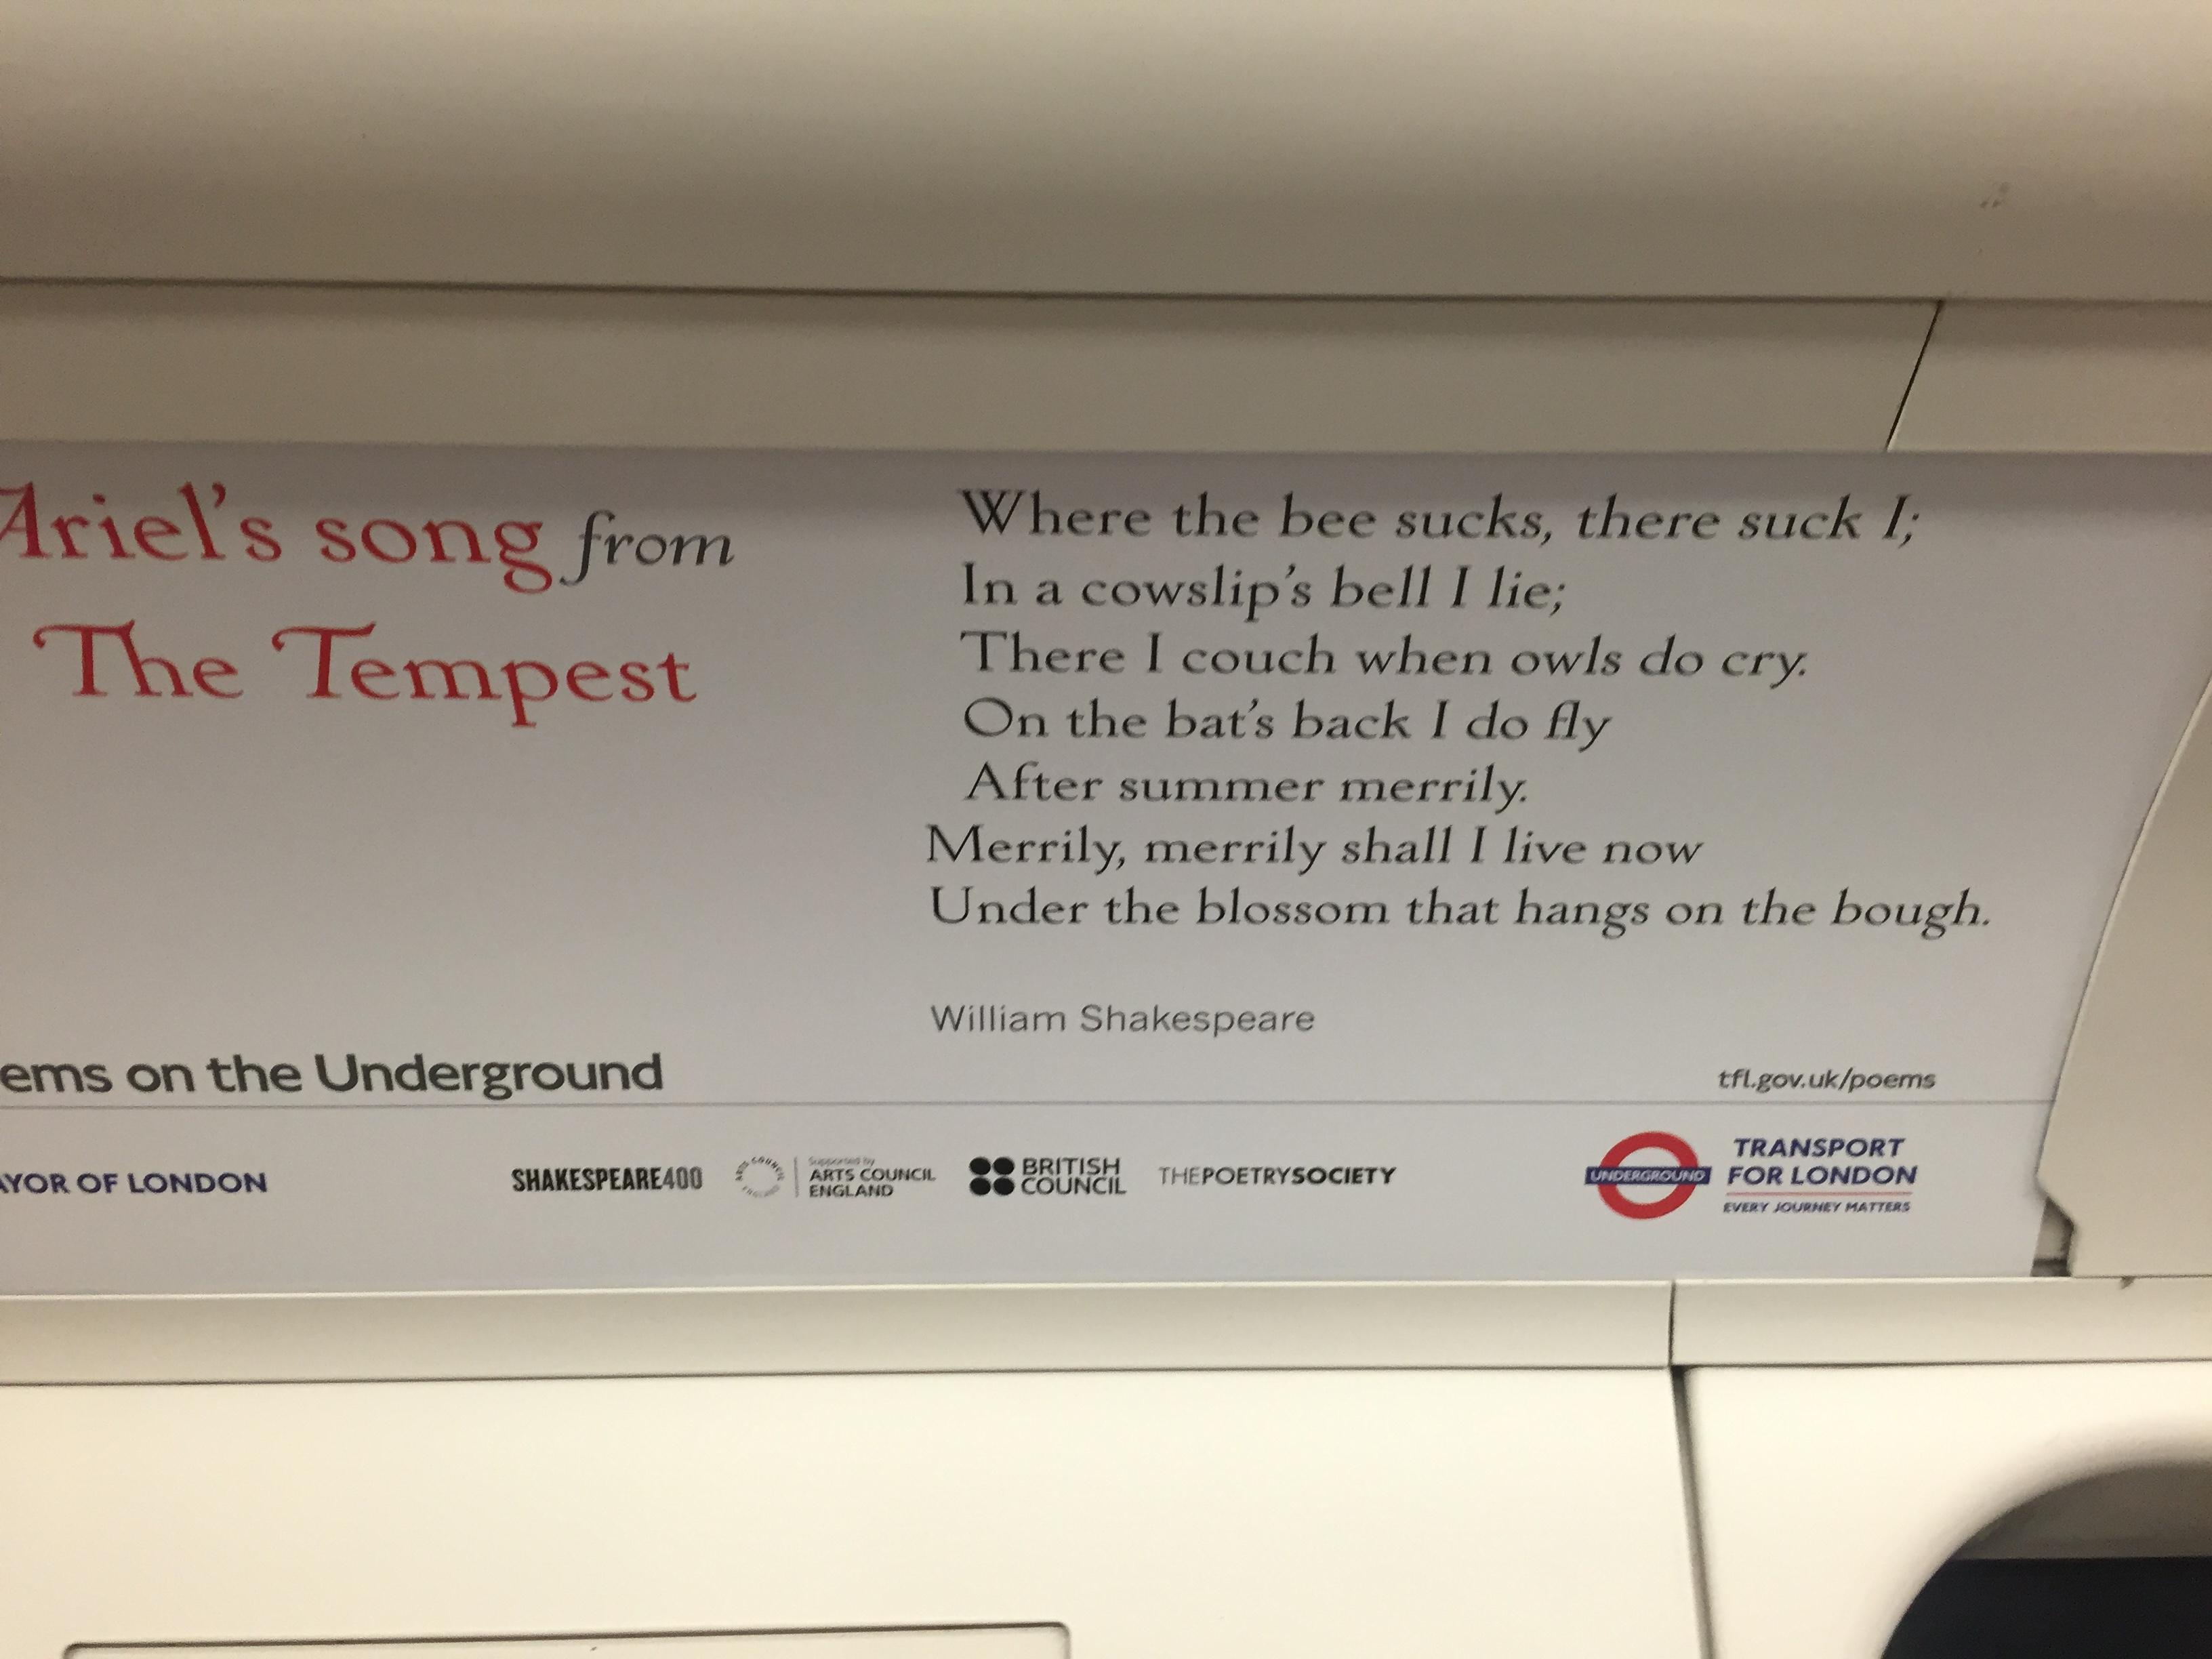 LondonUndergroundPoem